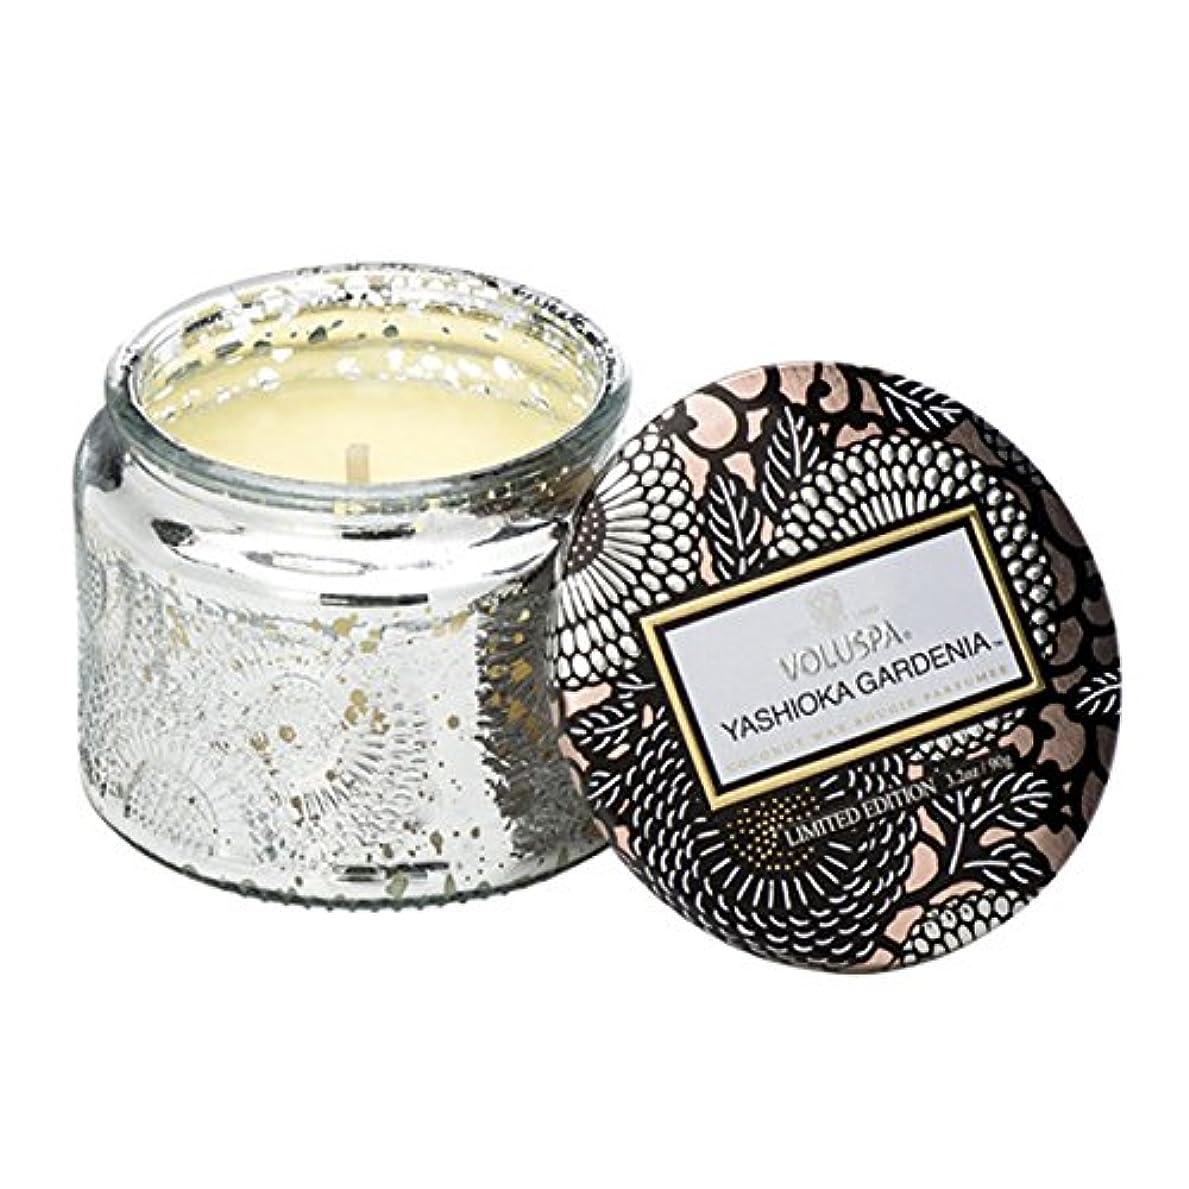 含む忌み嫌う魔女Voluspa ボルスパ ジャポニカ リミテッド グラスジャーキャンドル  S ヤシオカガーデニア YASHIOKA GARDENIA JAPONICA Limited PETITE EMBOSSED Glass jar candle